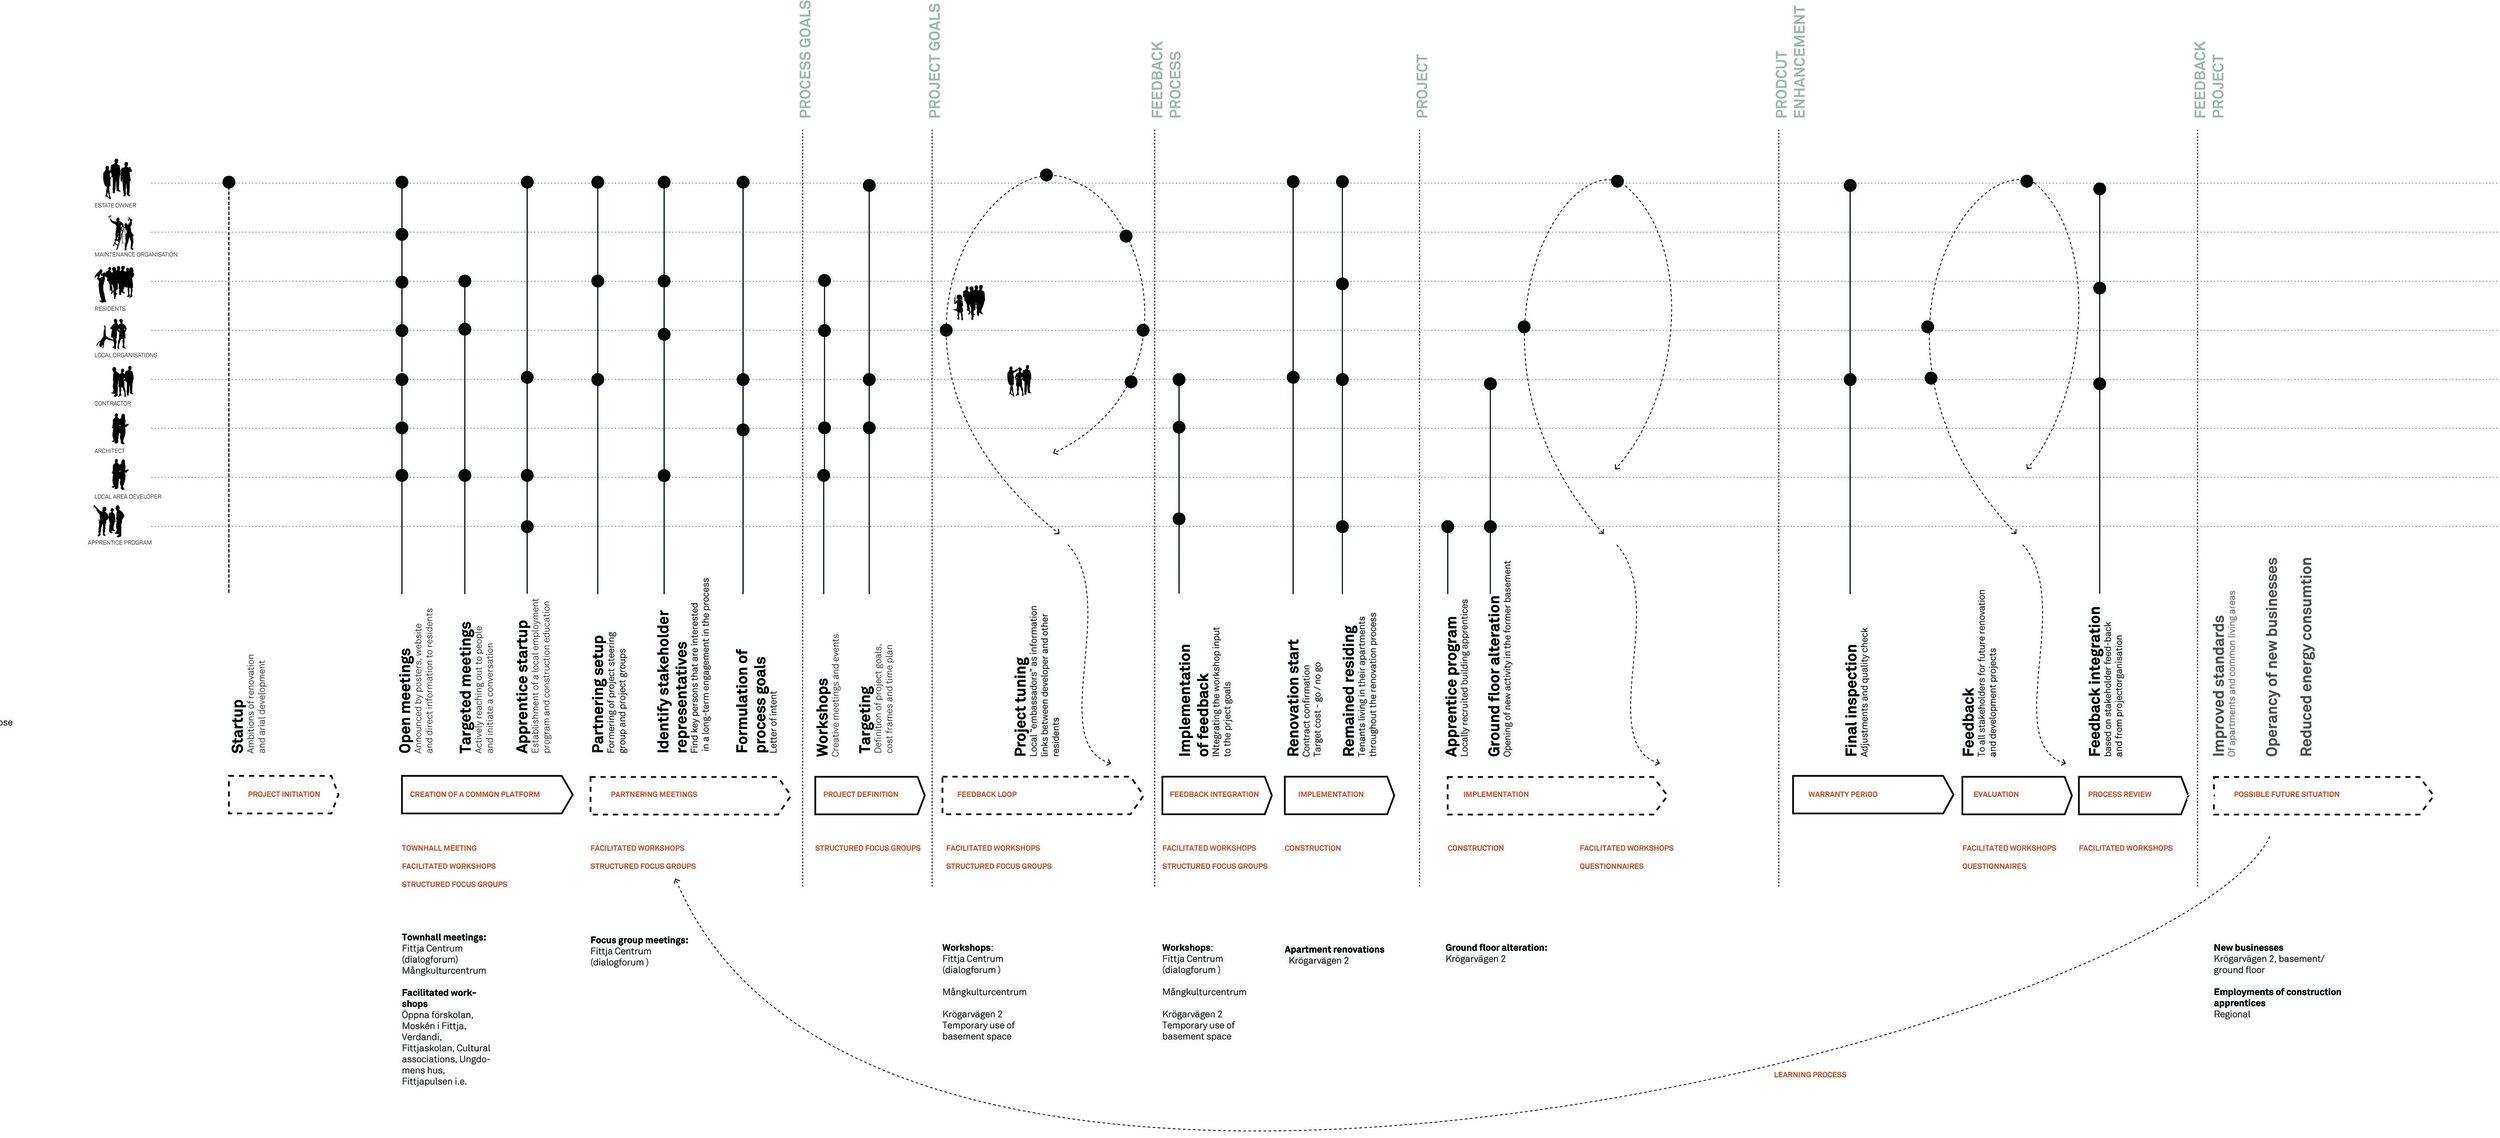 FPP_Axo process scenario_Spridd.jpg